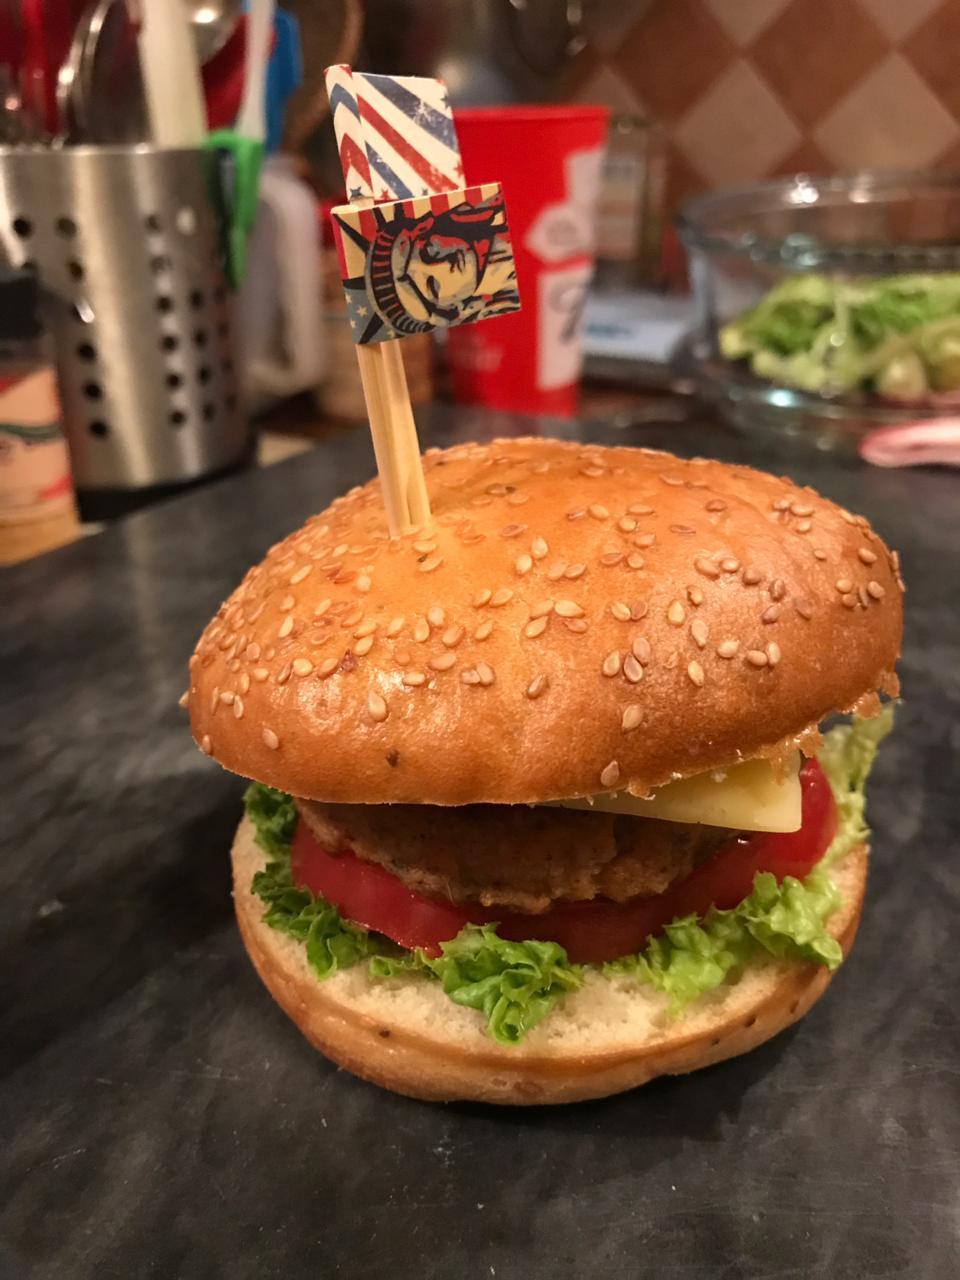 Как сделать бургер дома? Простой рецепт вкусного чикенбургера